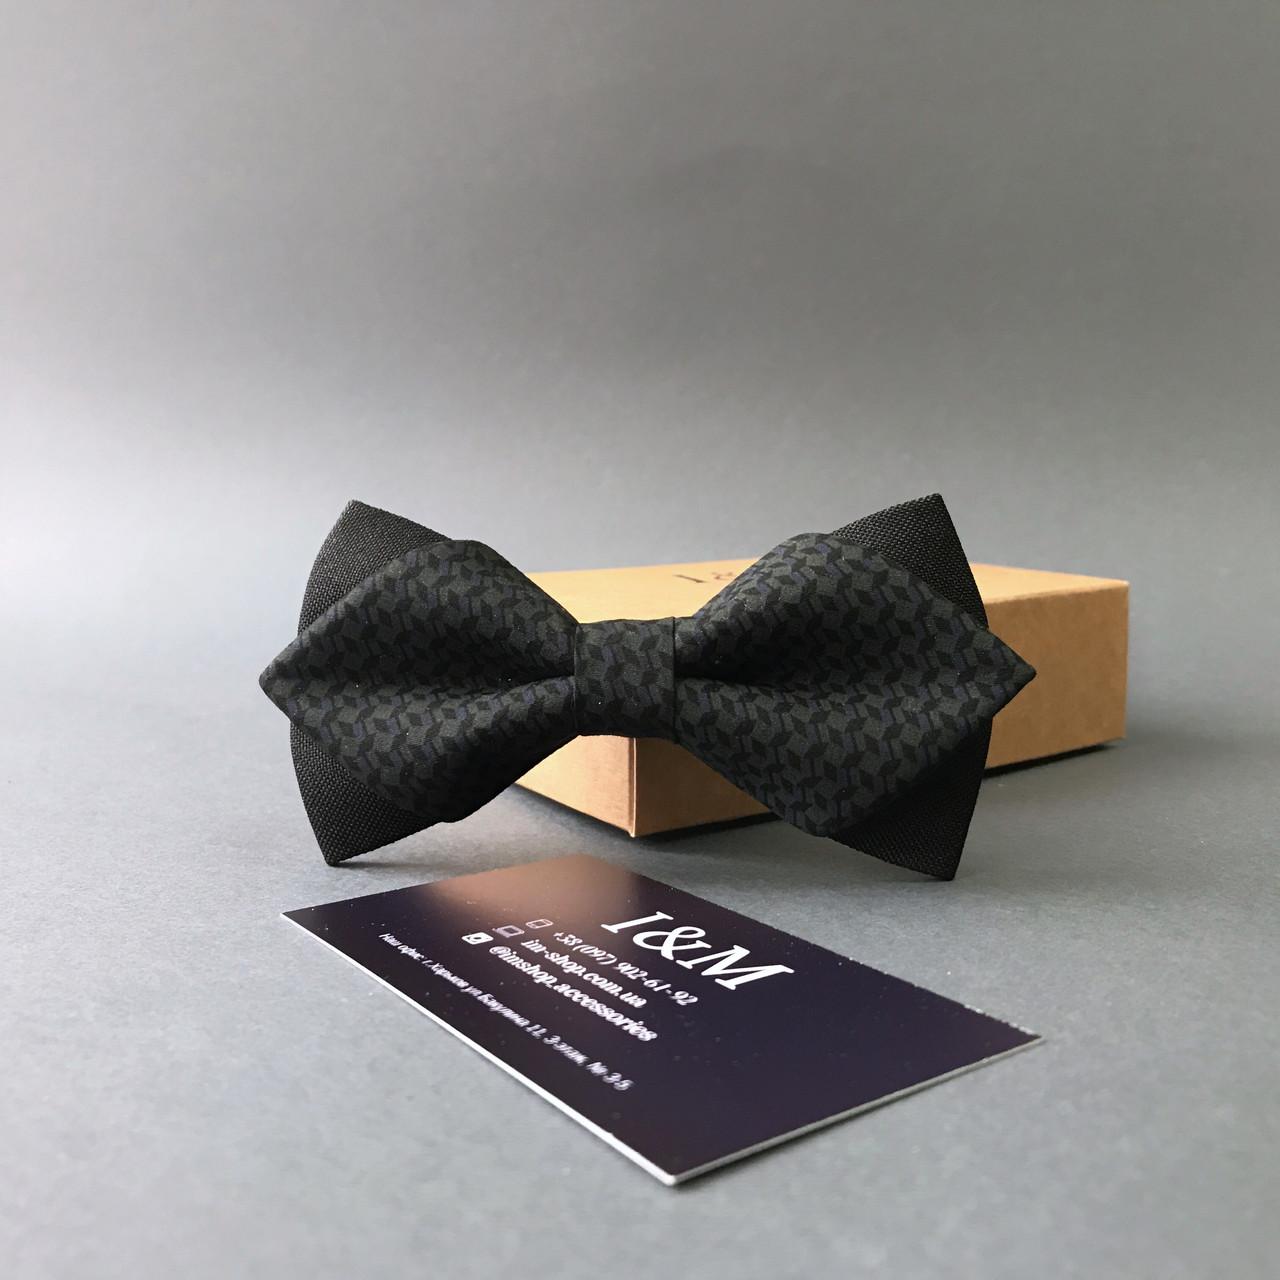 """Краватка-метелик I&M Craft з гострими кінцями """"Hugo boss"""" (100139N)"""